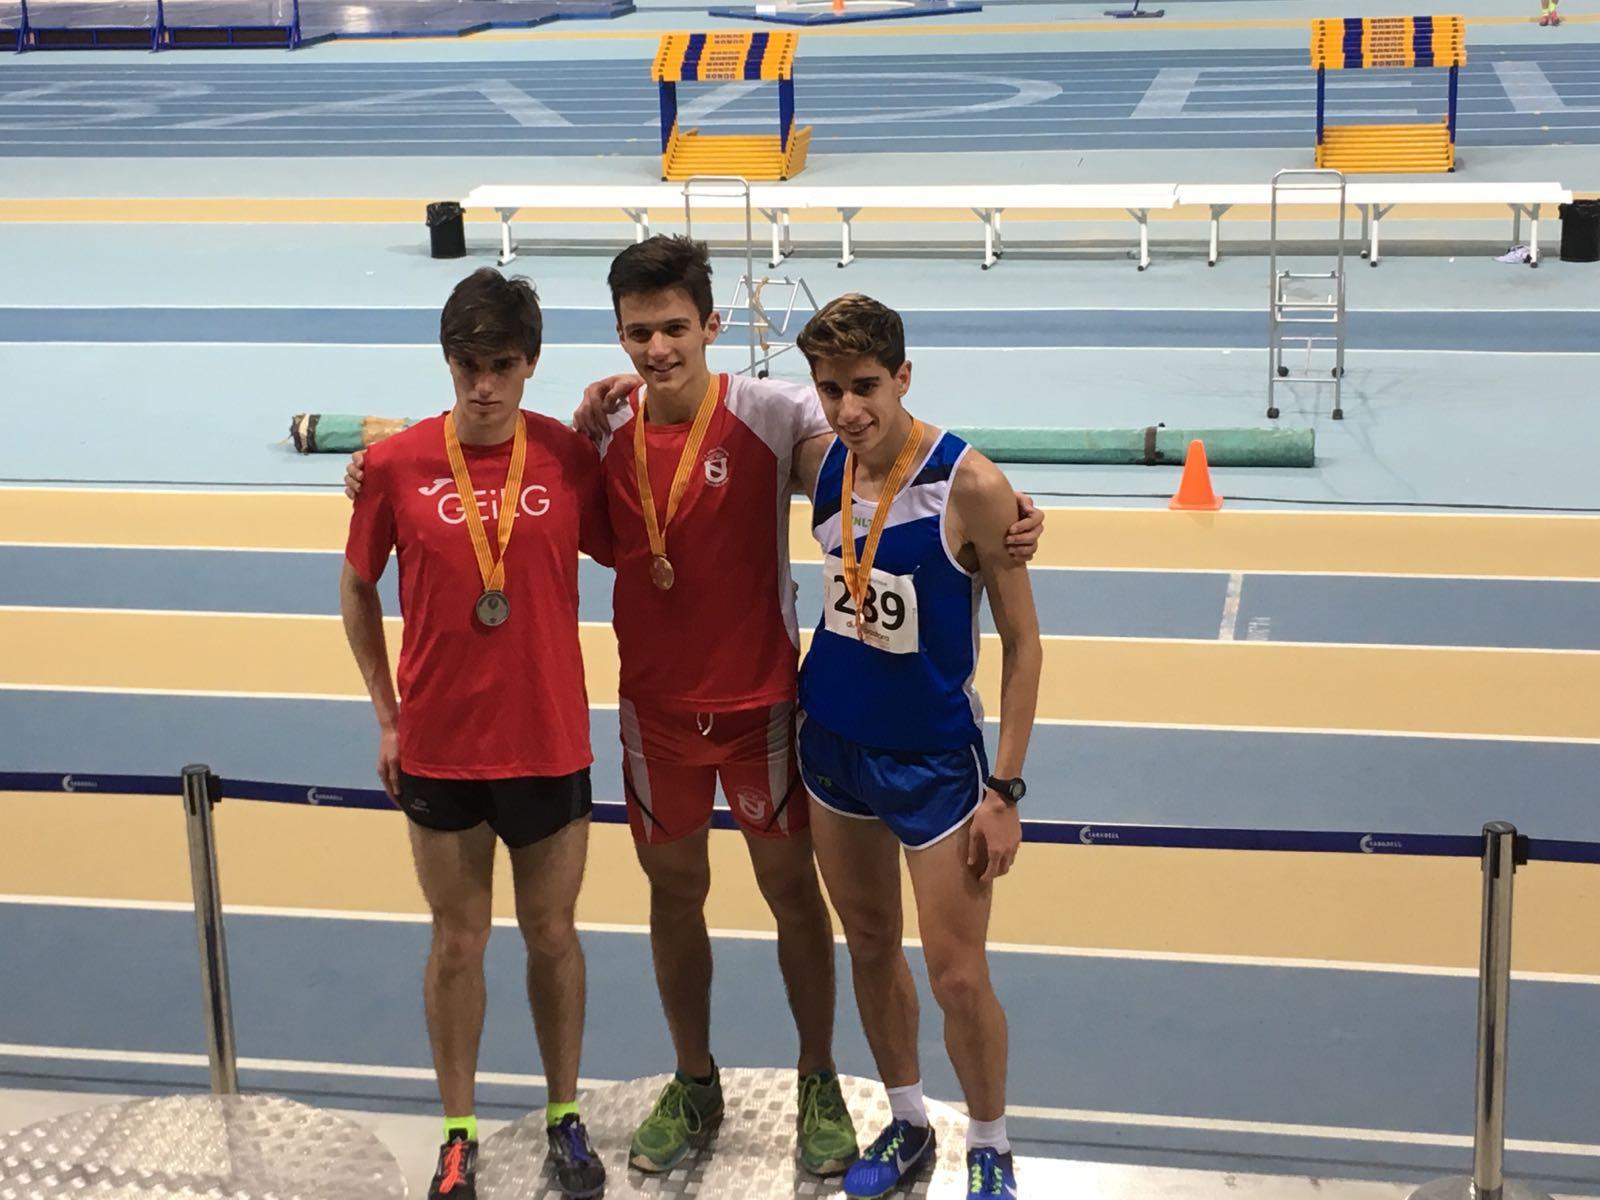 Campió de Catalunya Juvenil de Pista Coberta de 800 m.ll.